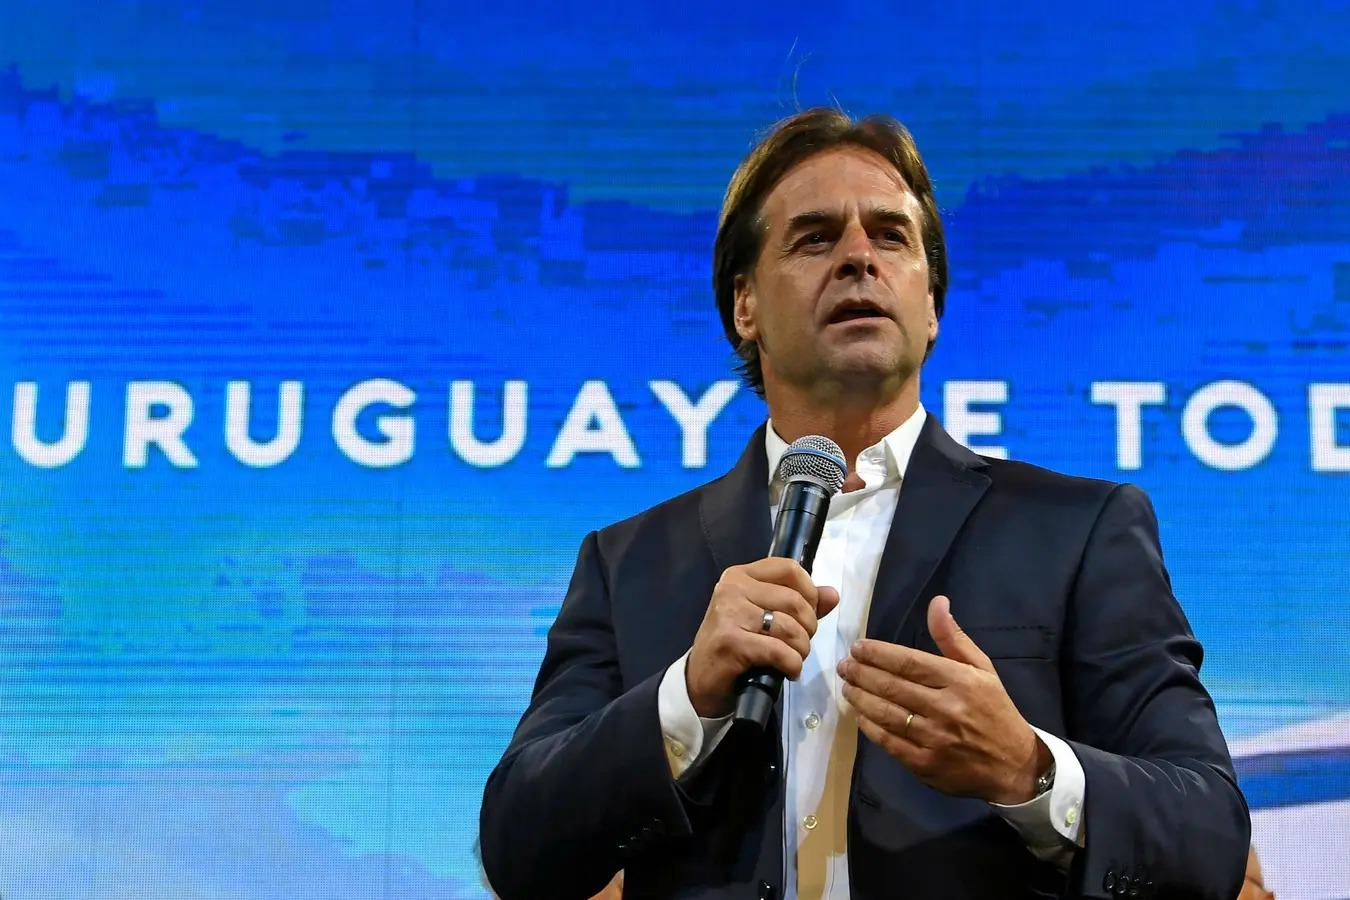 El presidente de Uruguay busca que 100 mil argentinos se muden a su país: planea beneficios migratorios y fiscales